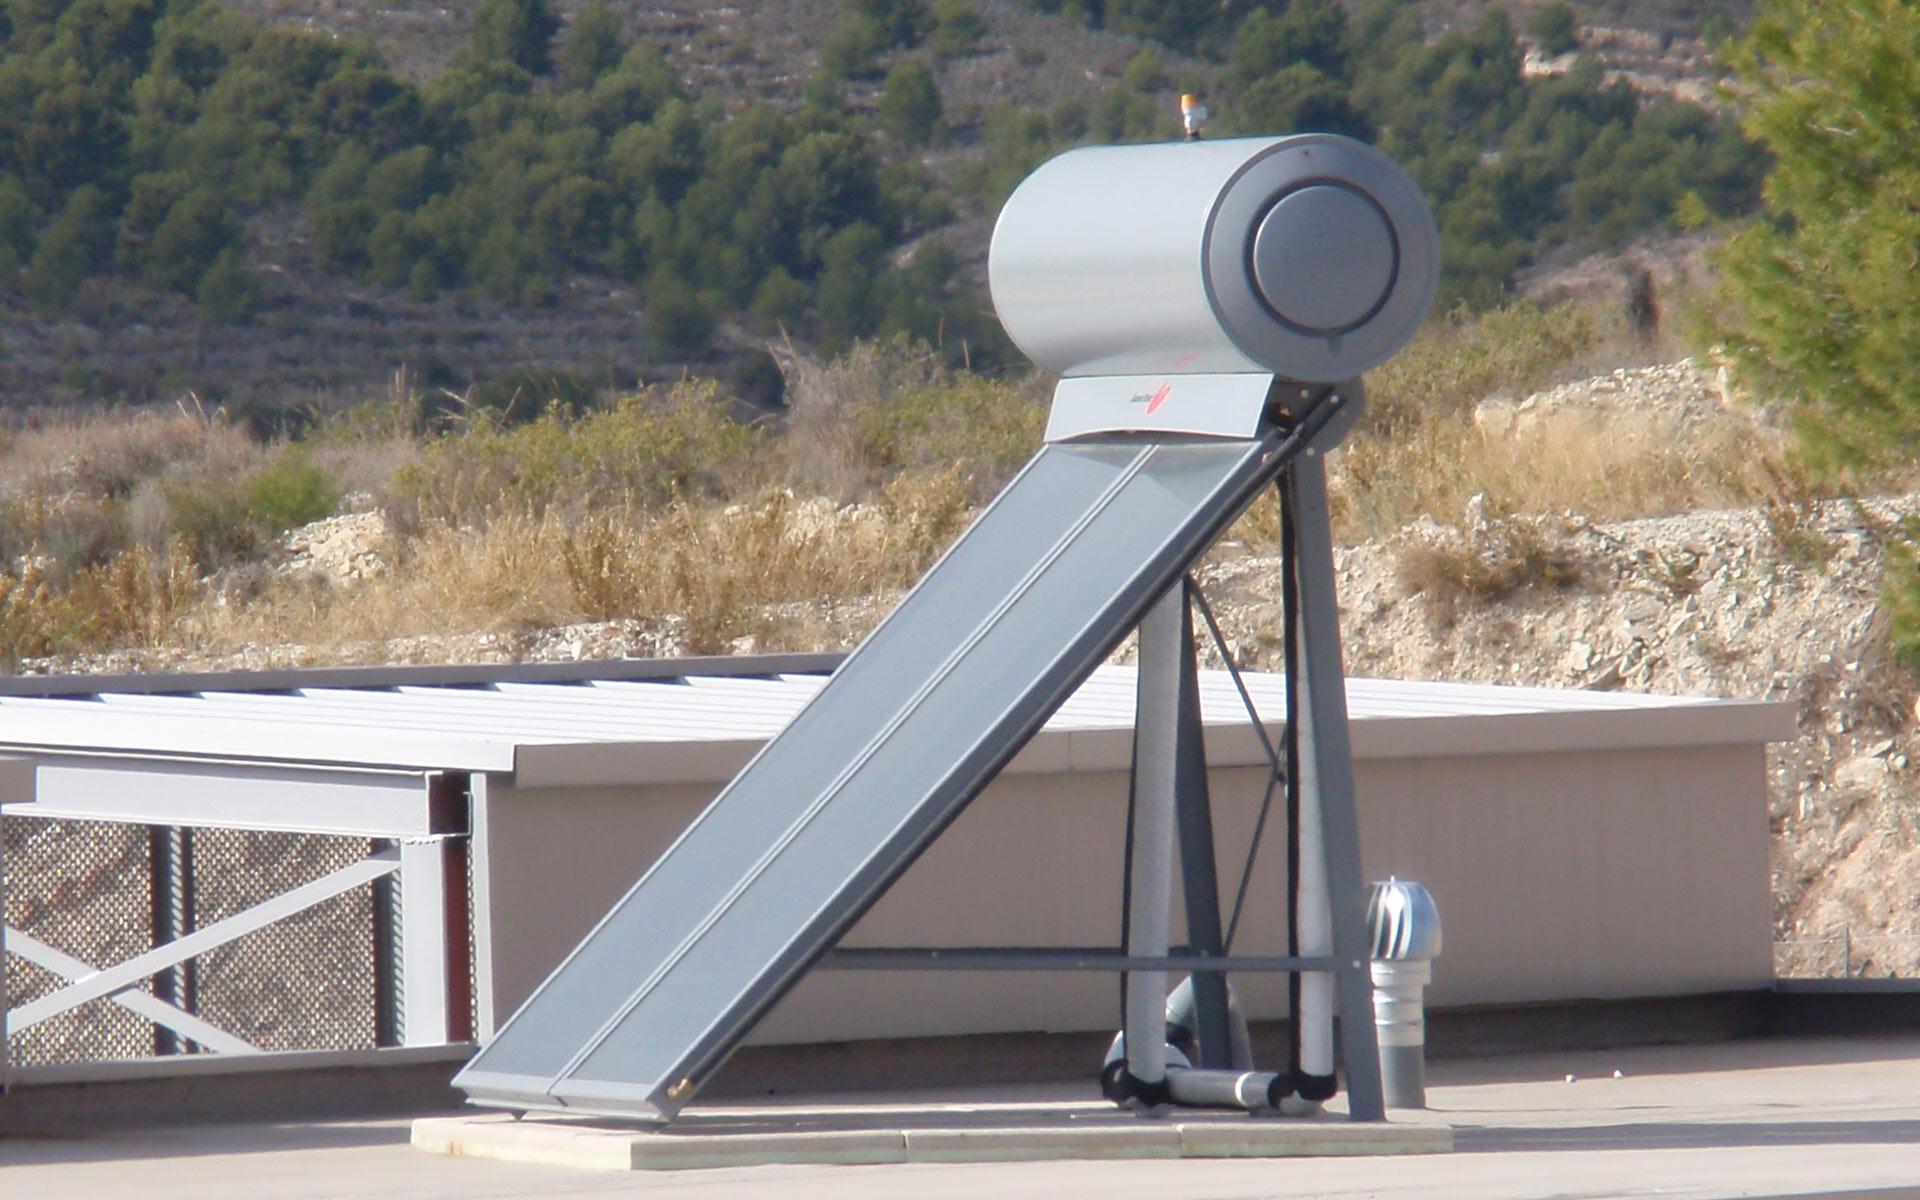 abatec-instalaciones-obras-realizadas-ceip-finestrat-solar-termico-02